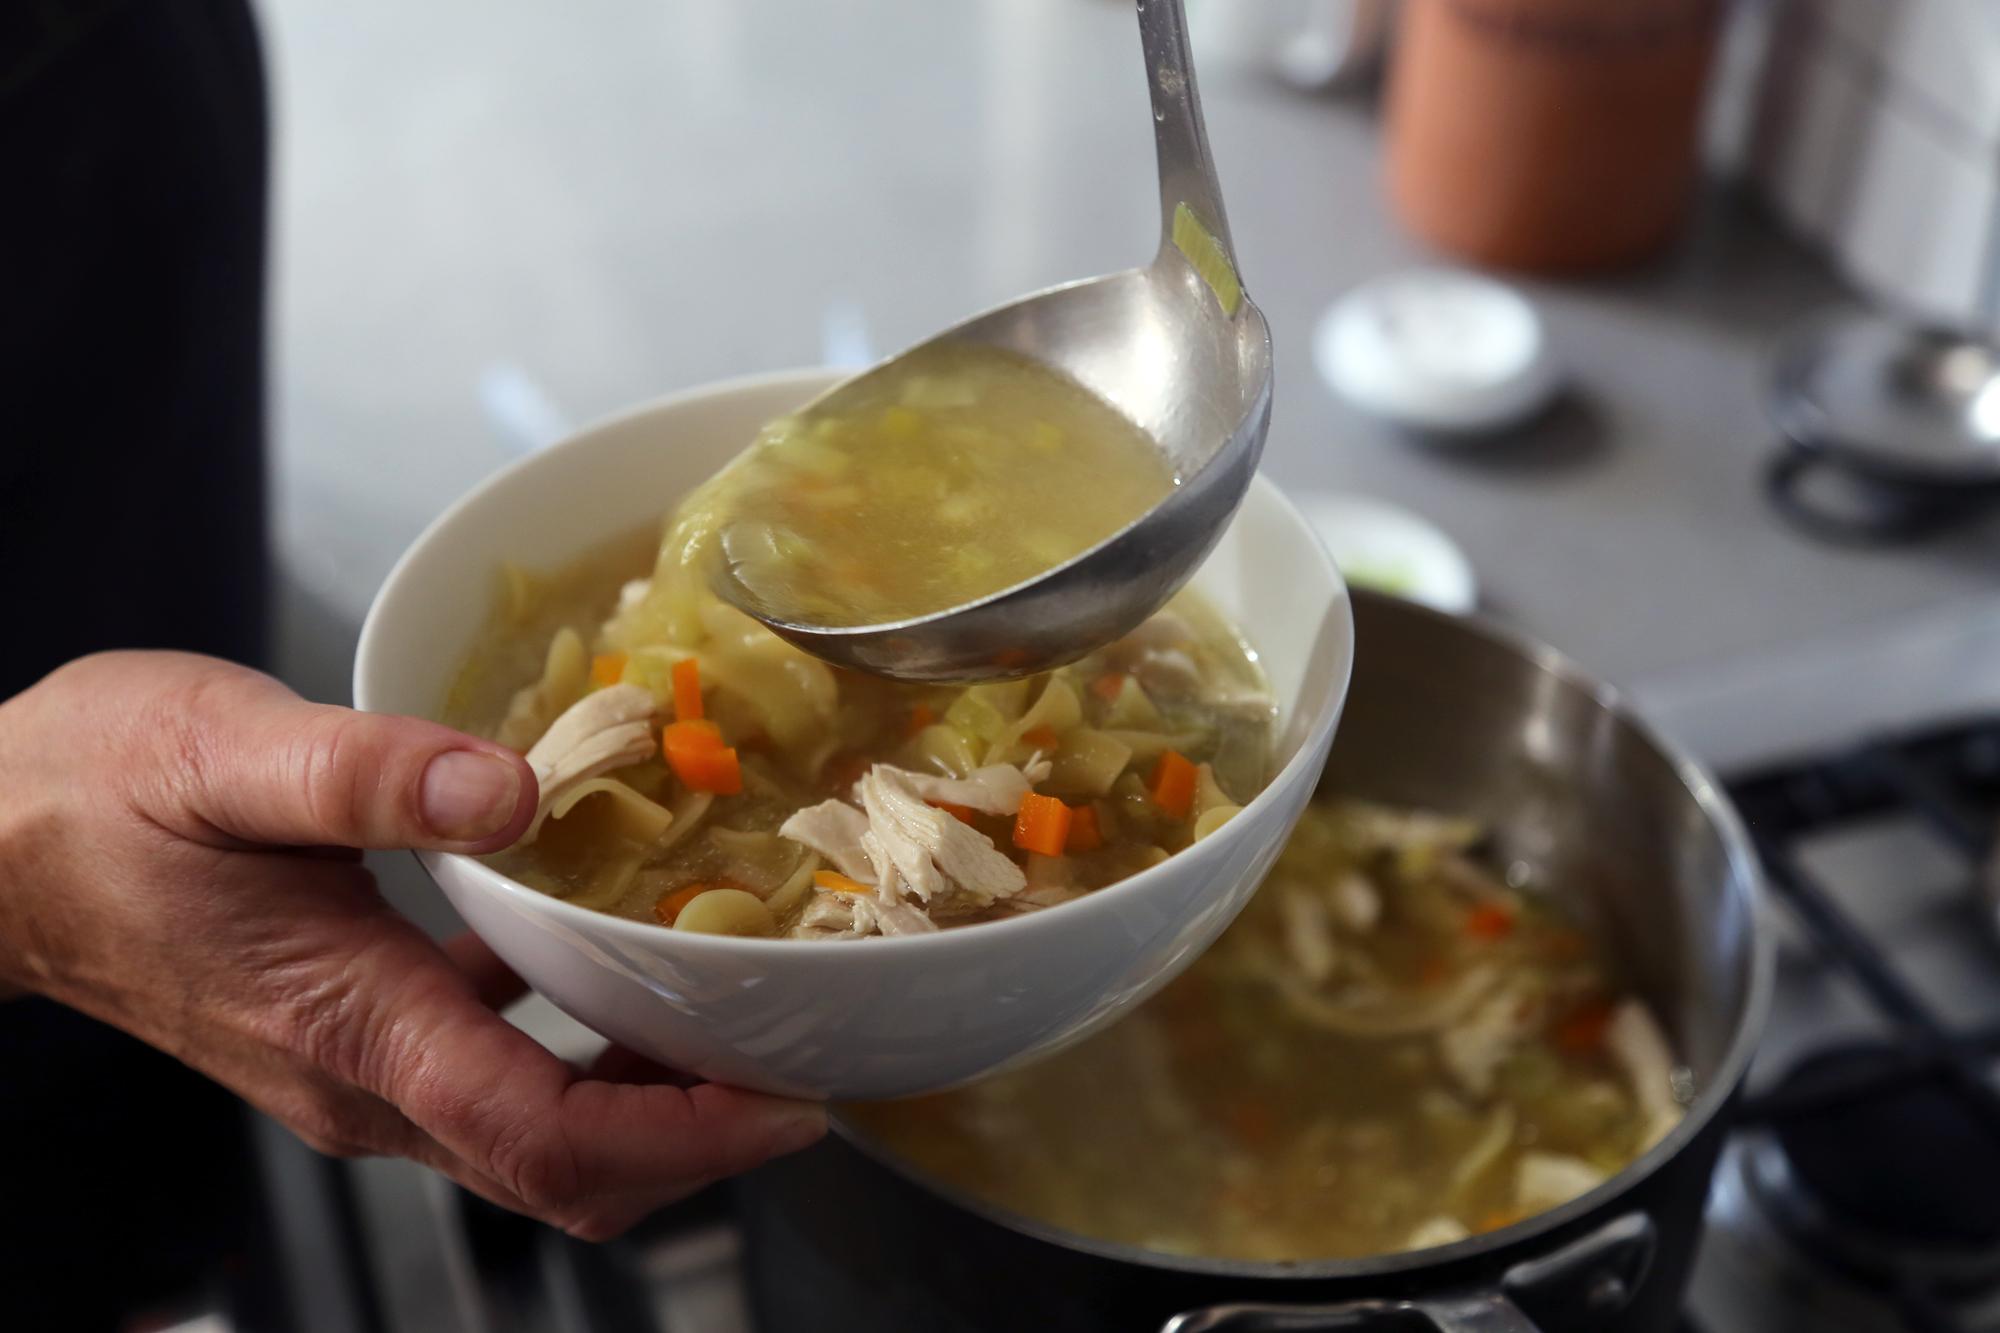 Ladle the hot soup into bowls.